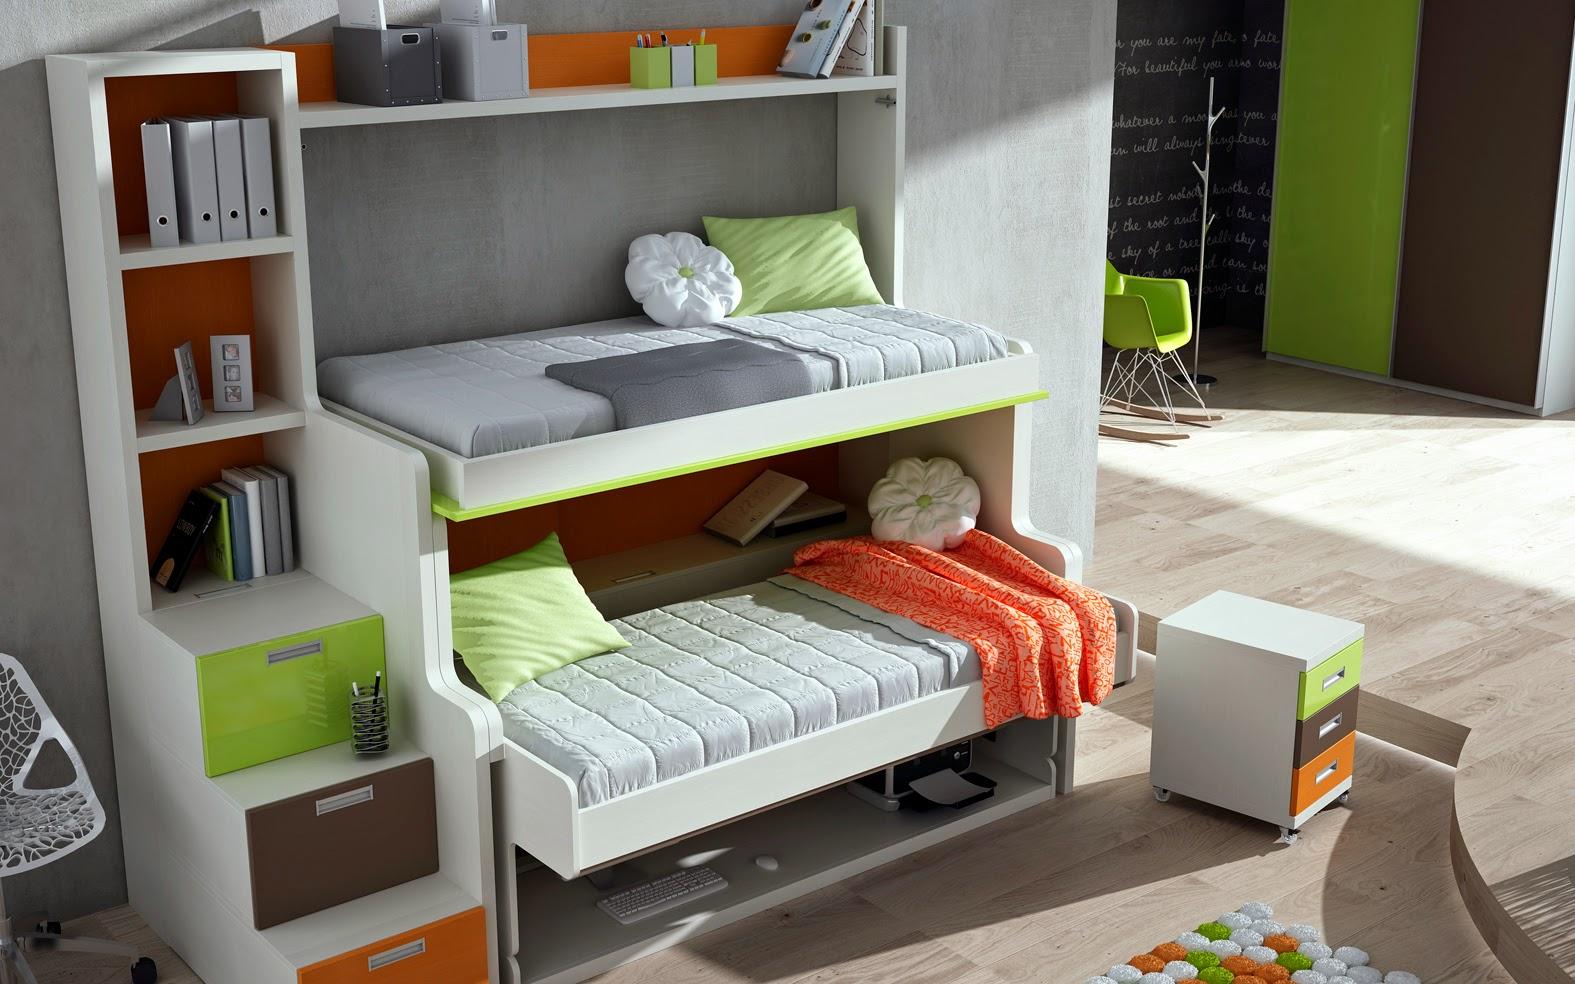 Camas con escritorio debajo fabulous ikea stuva camas for Litera escritorio debajo